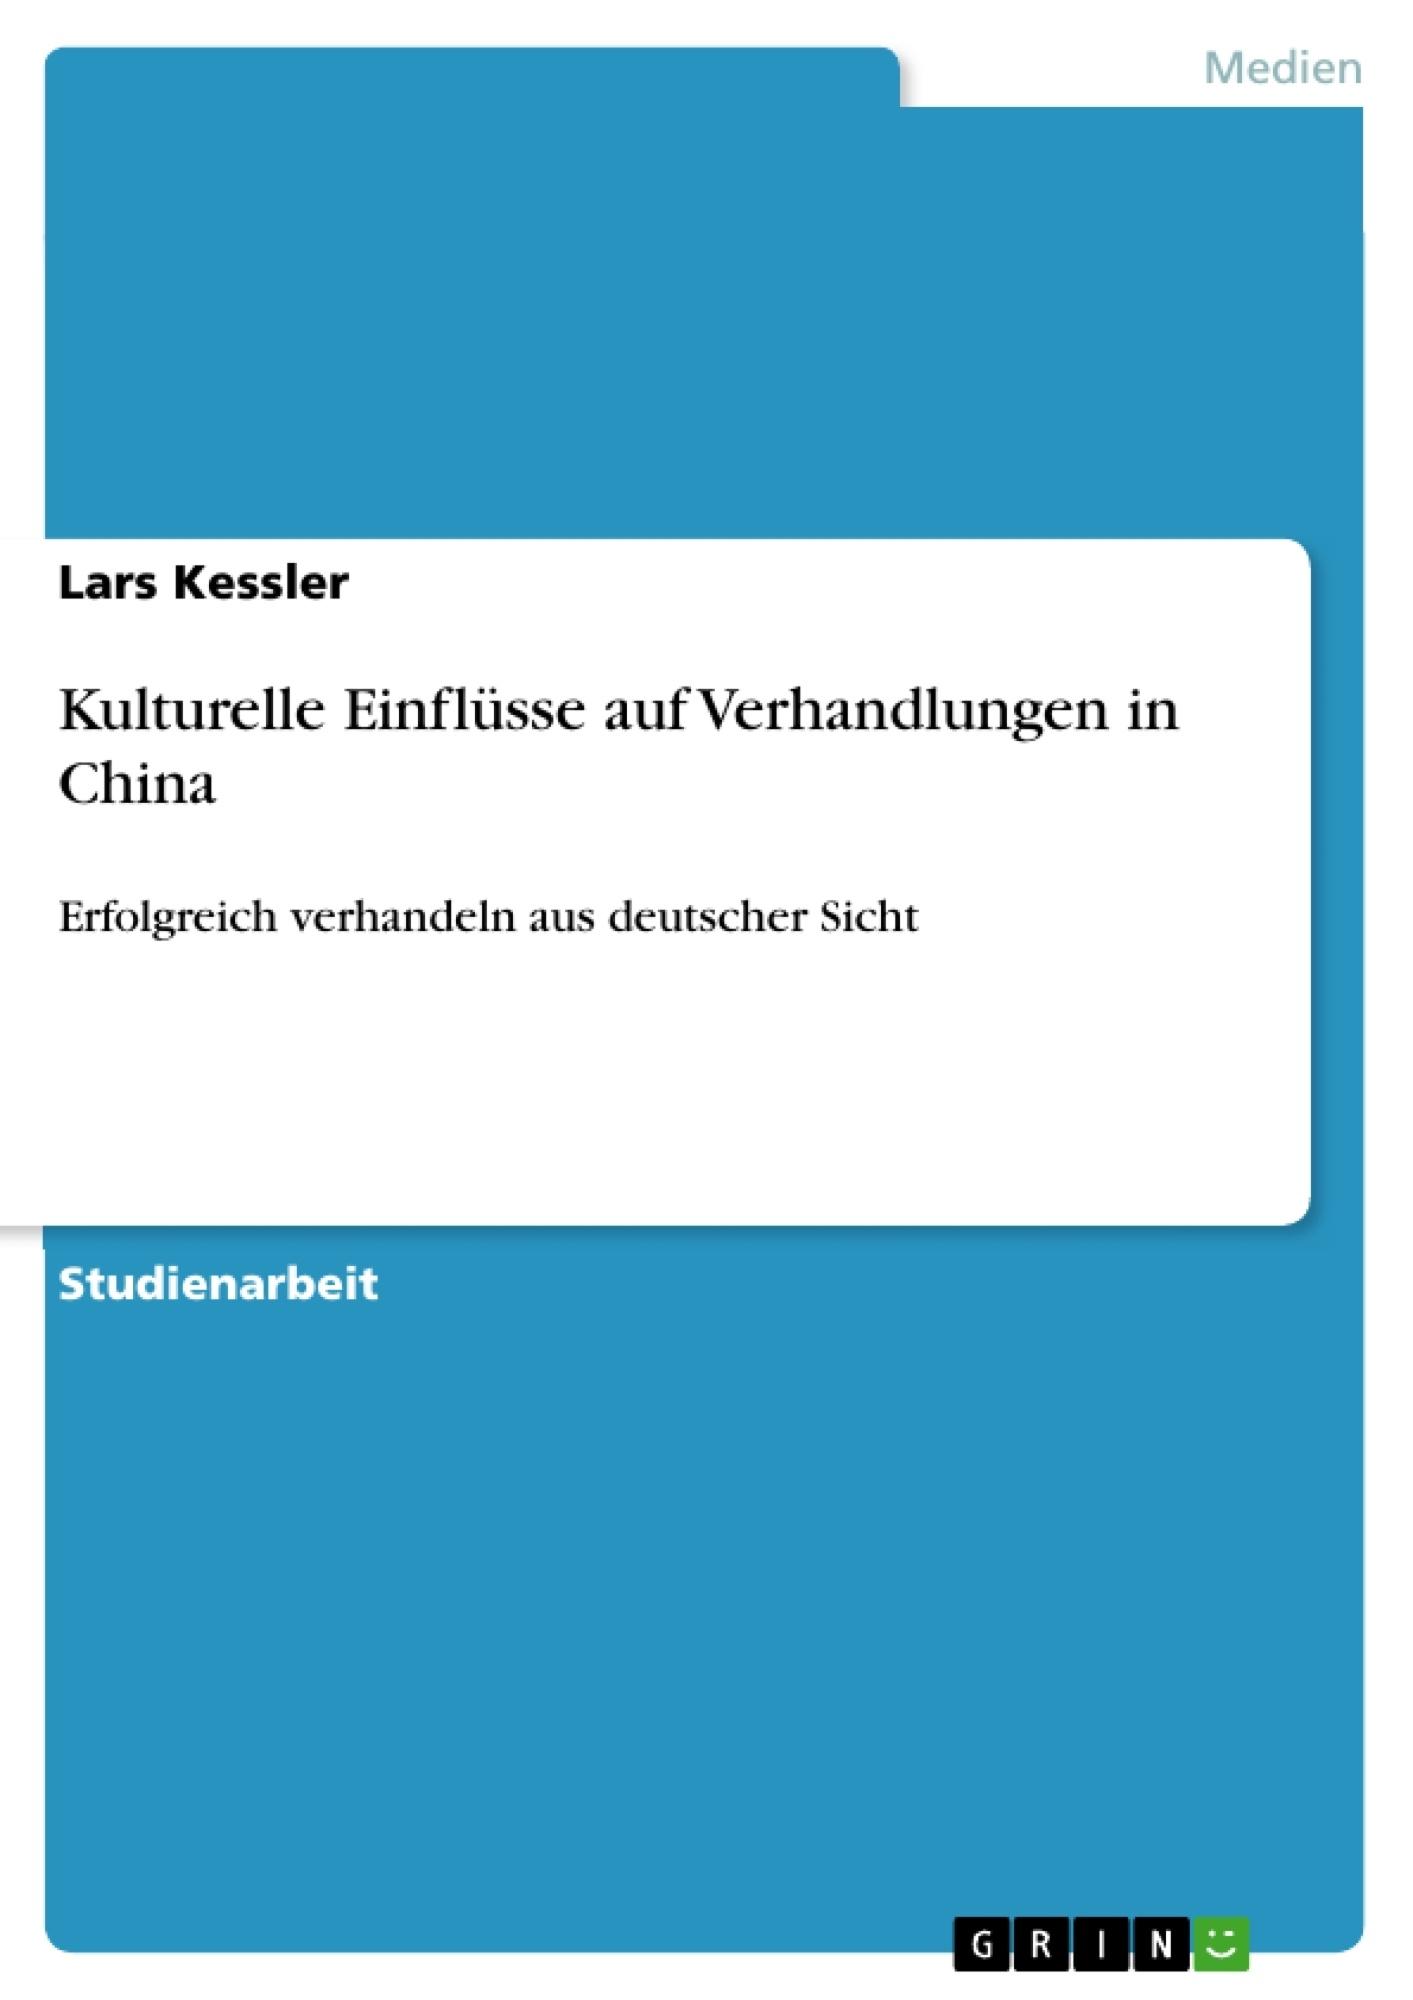 Titel: Kulturelle Einflüsse auf Verhandlungen in China